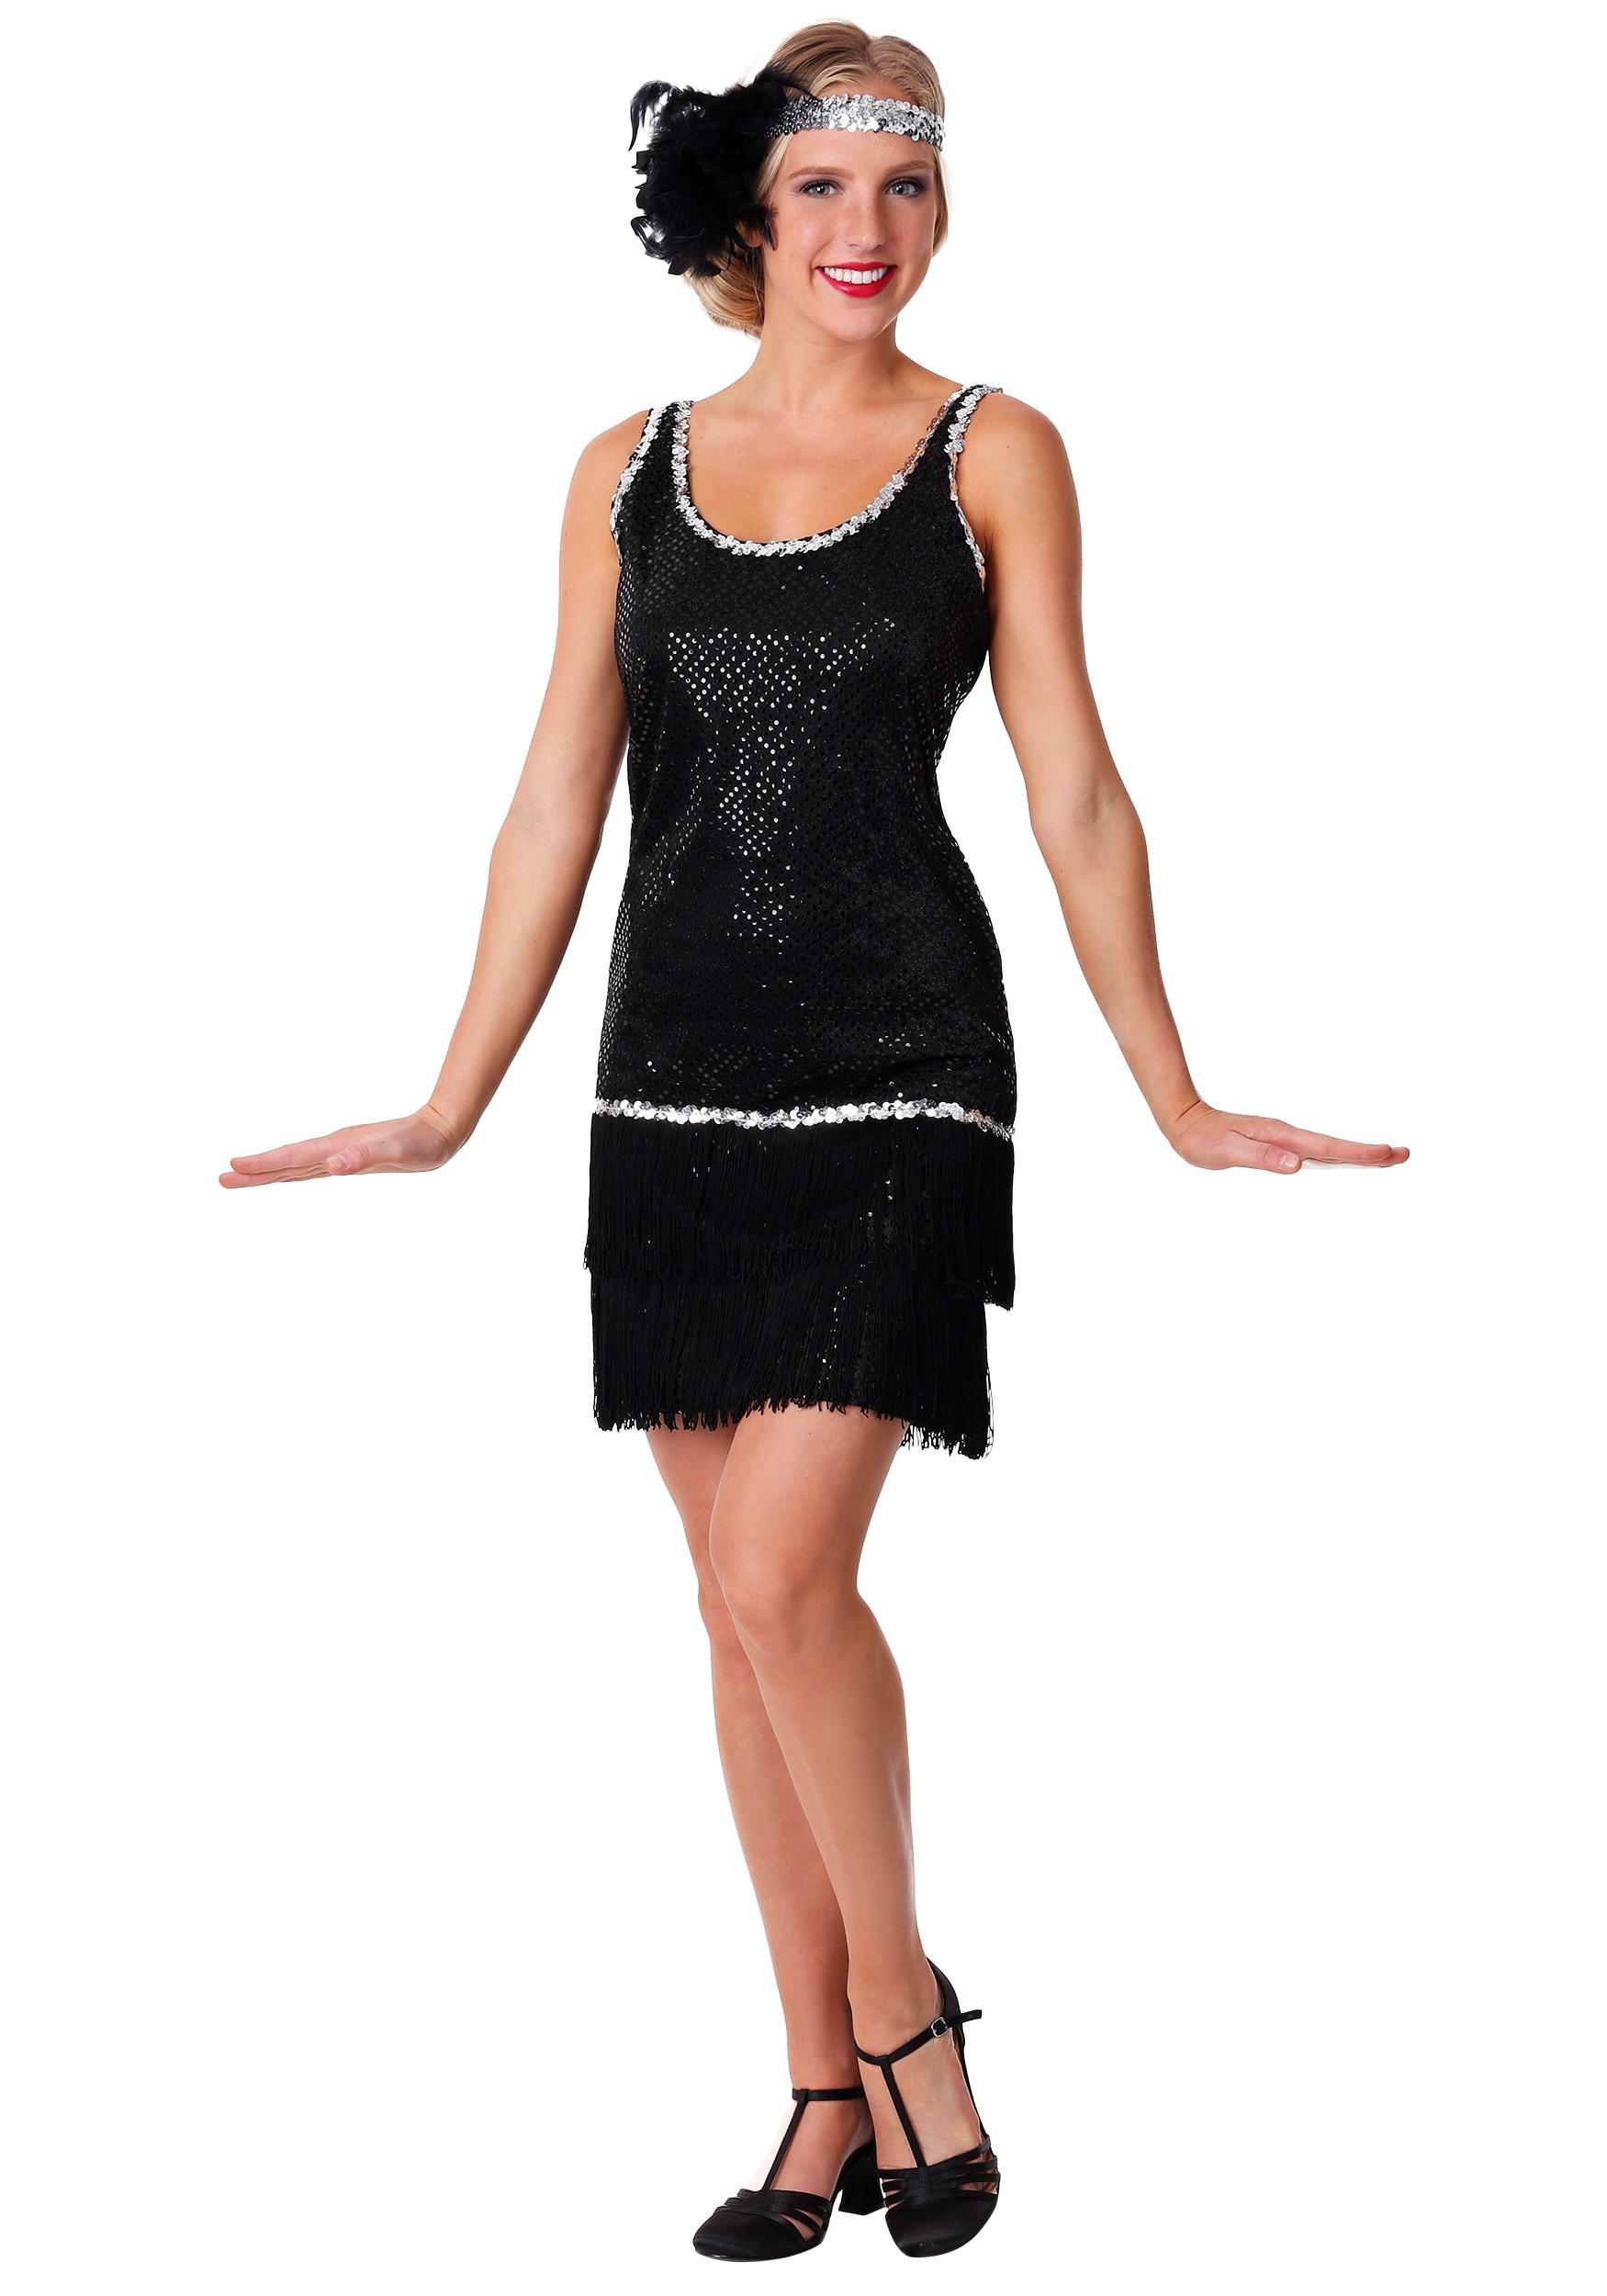 Women's Sequin & Fringe Black Flapper Dress Costume